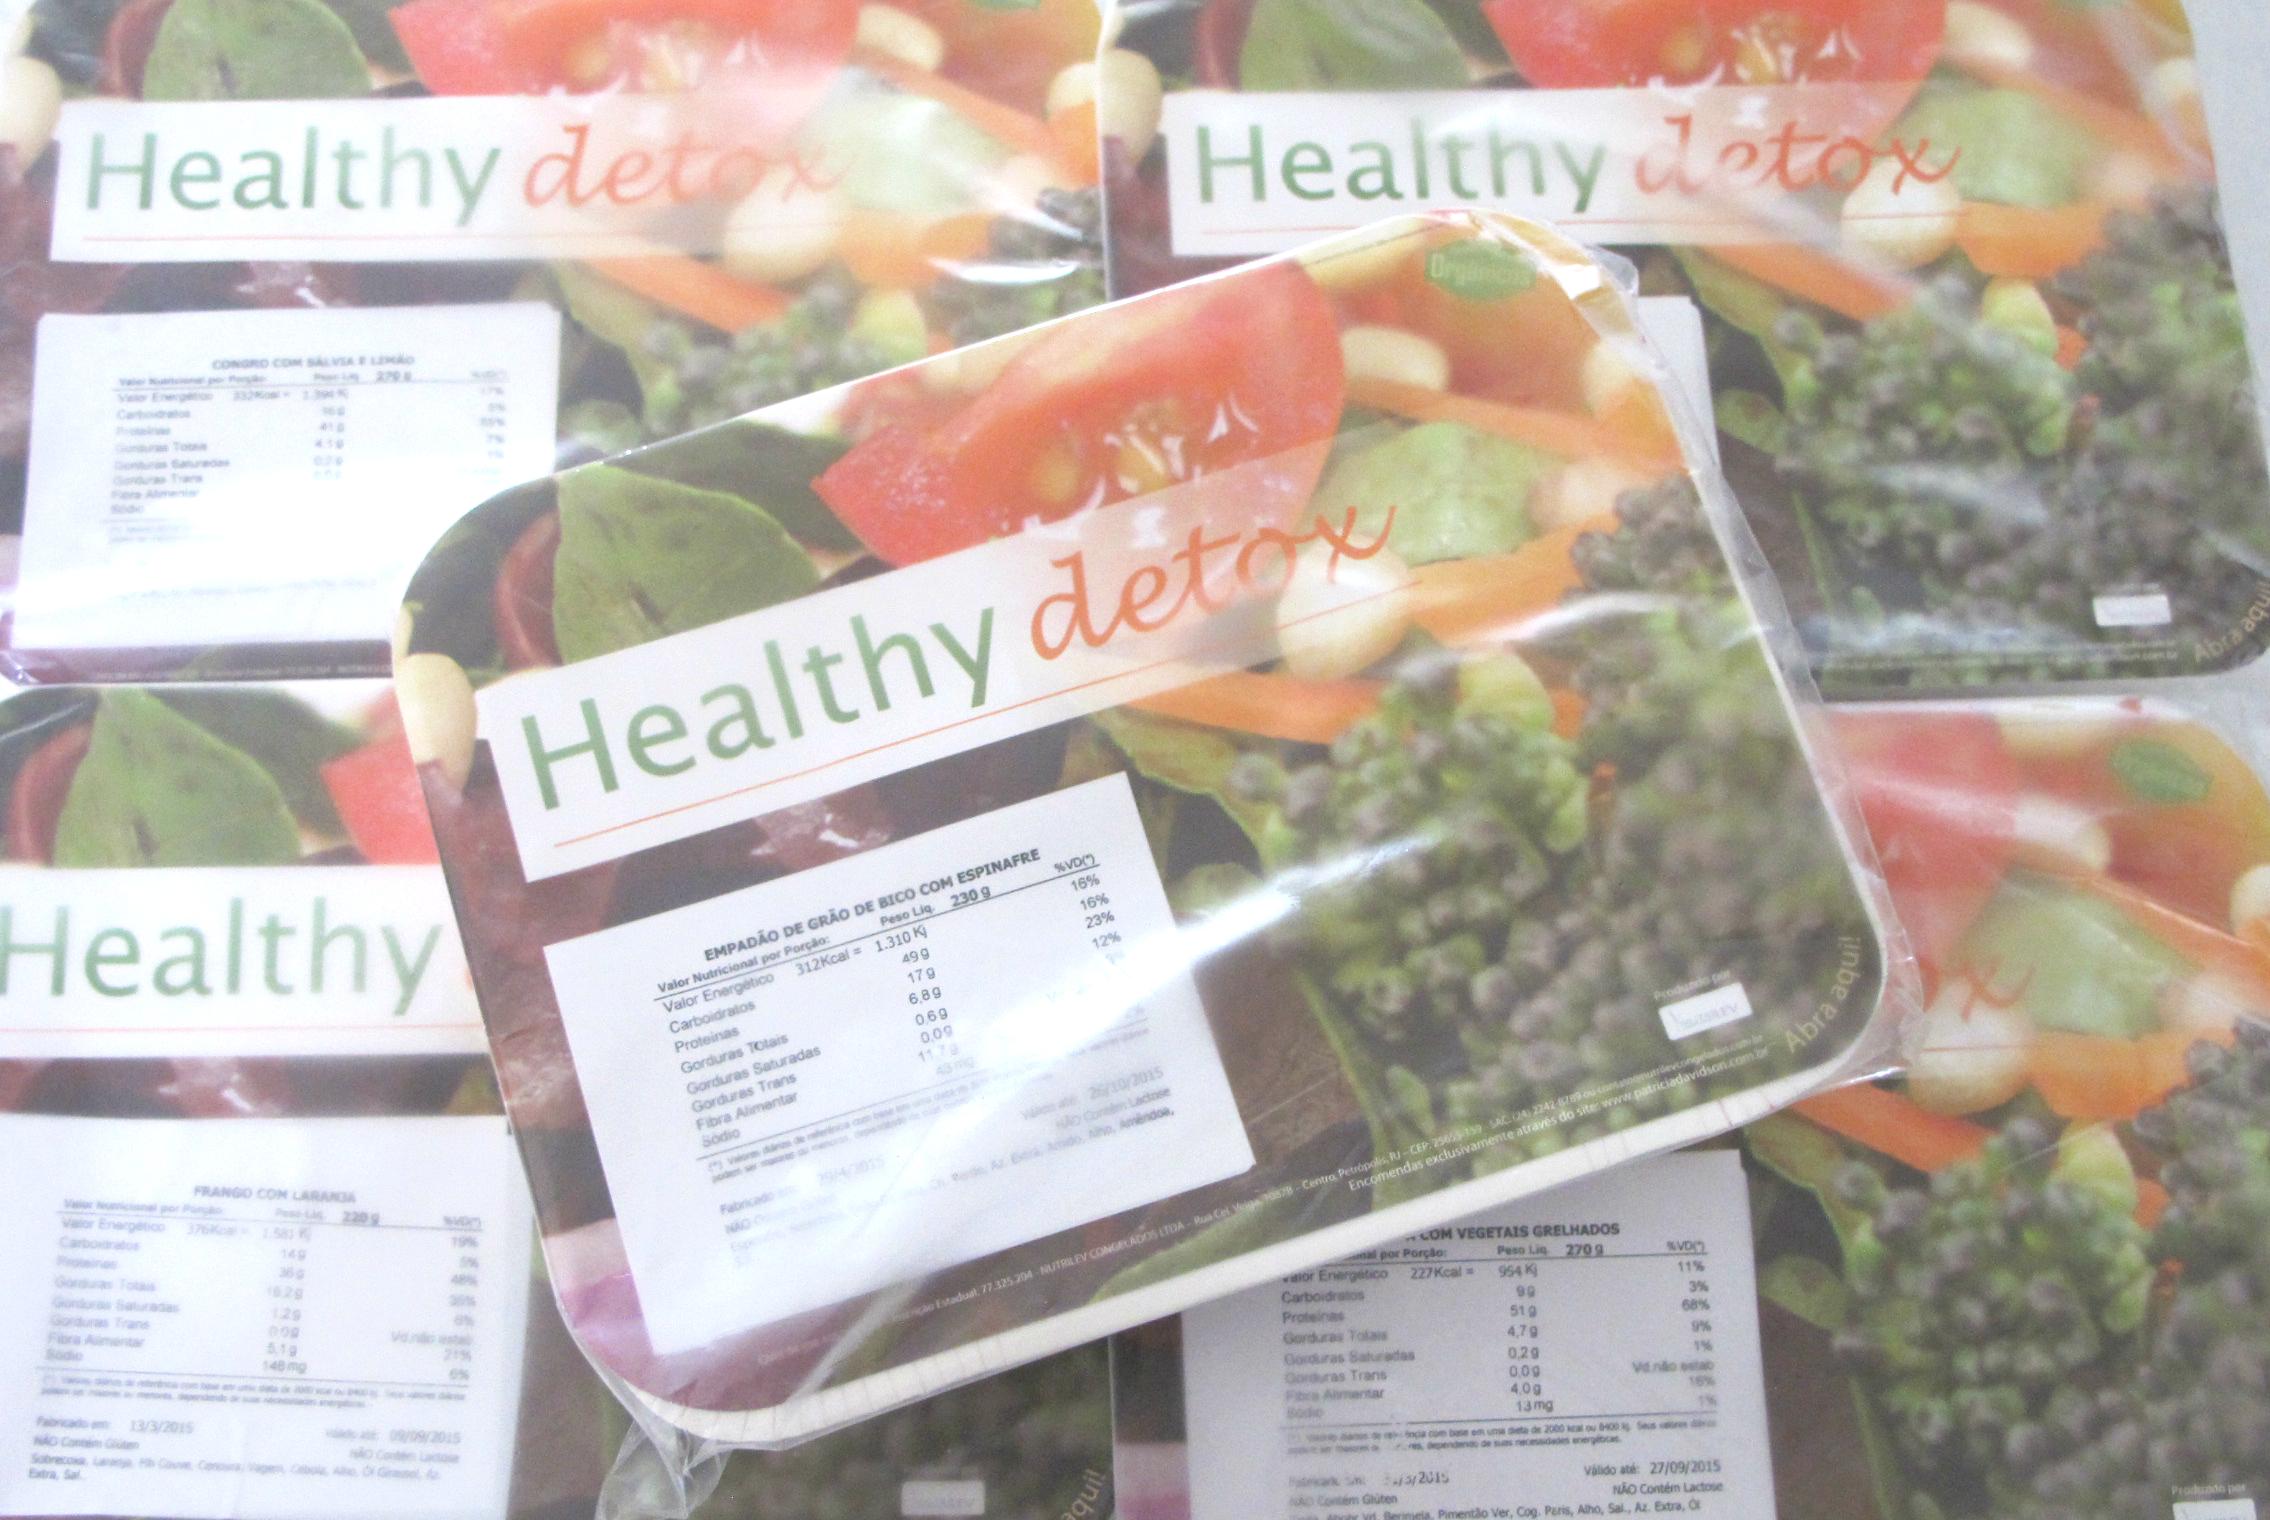 nutricao-funcional-helathy-detox-clinica-patricia-davidson-dieta-congelado-green-people-suco-verde-saude